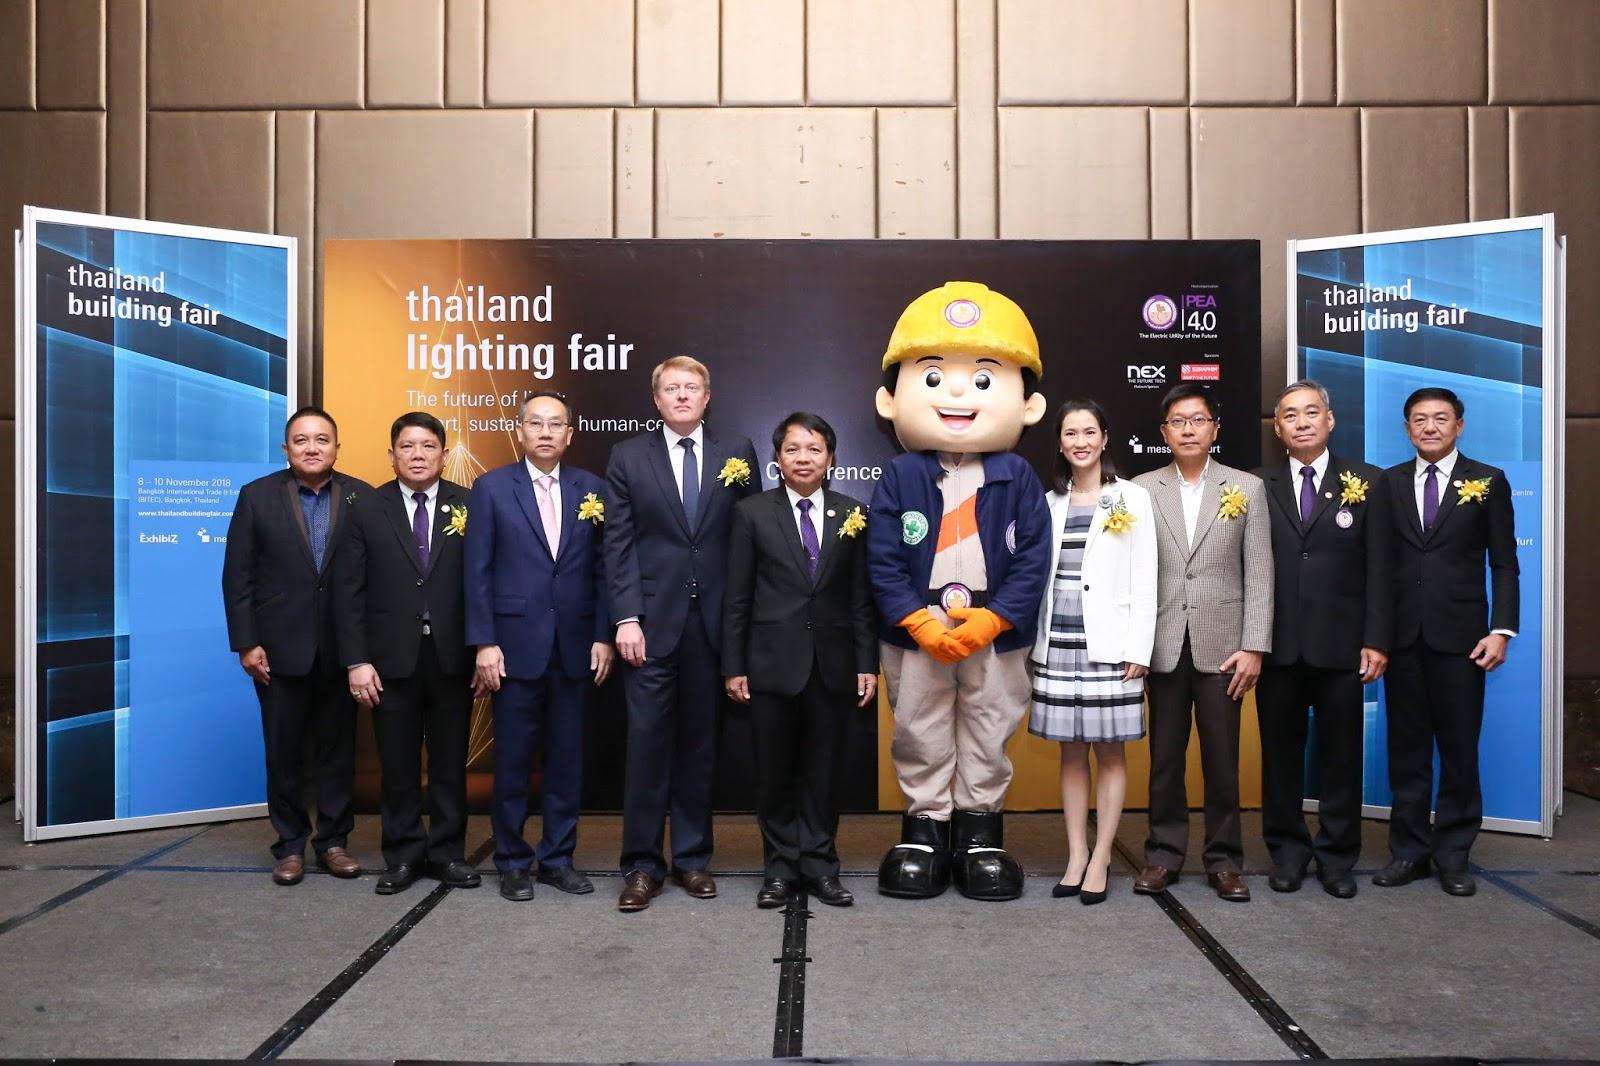 กฟภ. จับมือ เมสเซ่ แฟรงค์เฟิร์ต เตรียมเปิดเวทีแสดงสินค้า Thailand Lighting Fair 2018   ตามแนวงาน Light+Building งานแสดงสินค้าระดับโลก ชูนวัตกรรมไฟฟ้าแสงสว่างแห่งอนาคต  ภายใต้แนวคิด The future of light: smart, sustainable, human centric